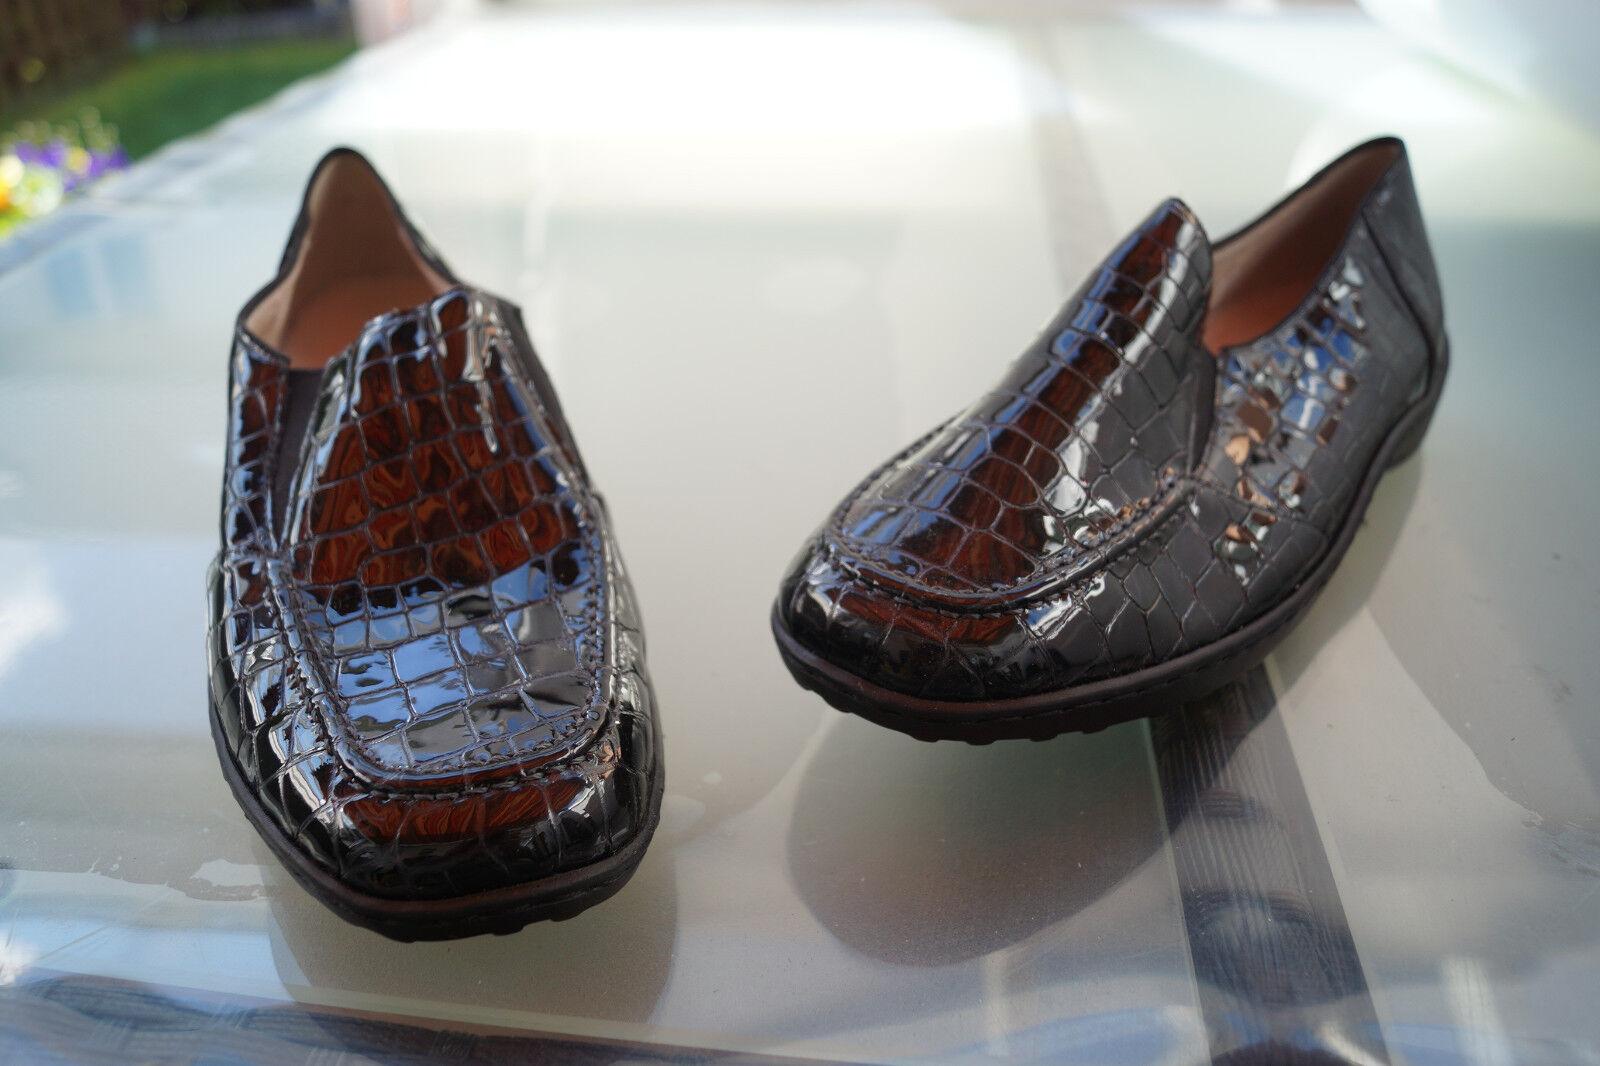 ARA Damen Comfort Schuhe Slipper Mokassins Lack Leder Gr.7 schwarz Gr.7 Leder G 41 Einlagen f0af97